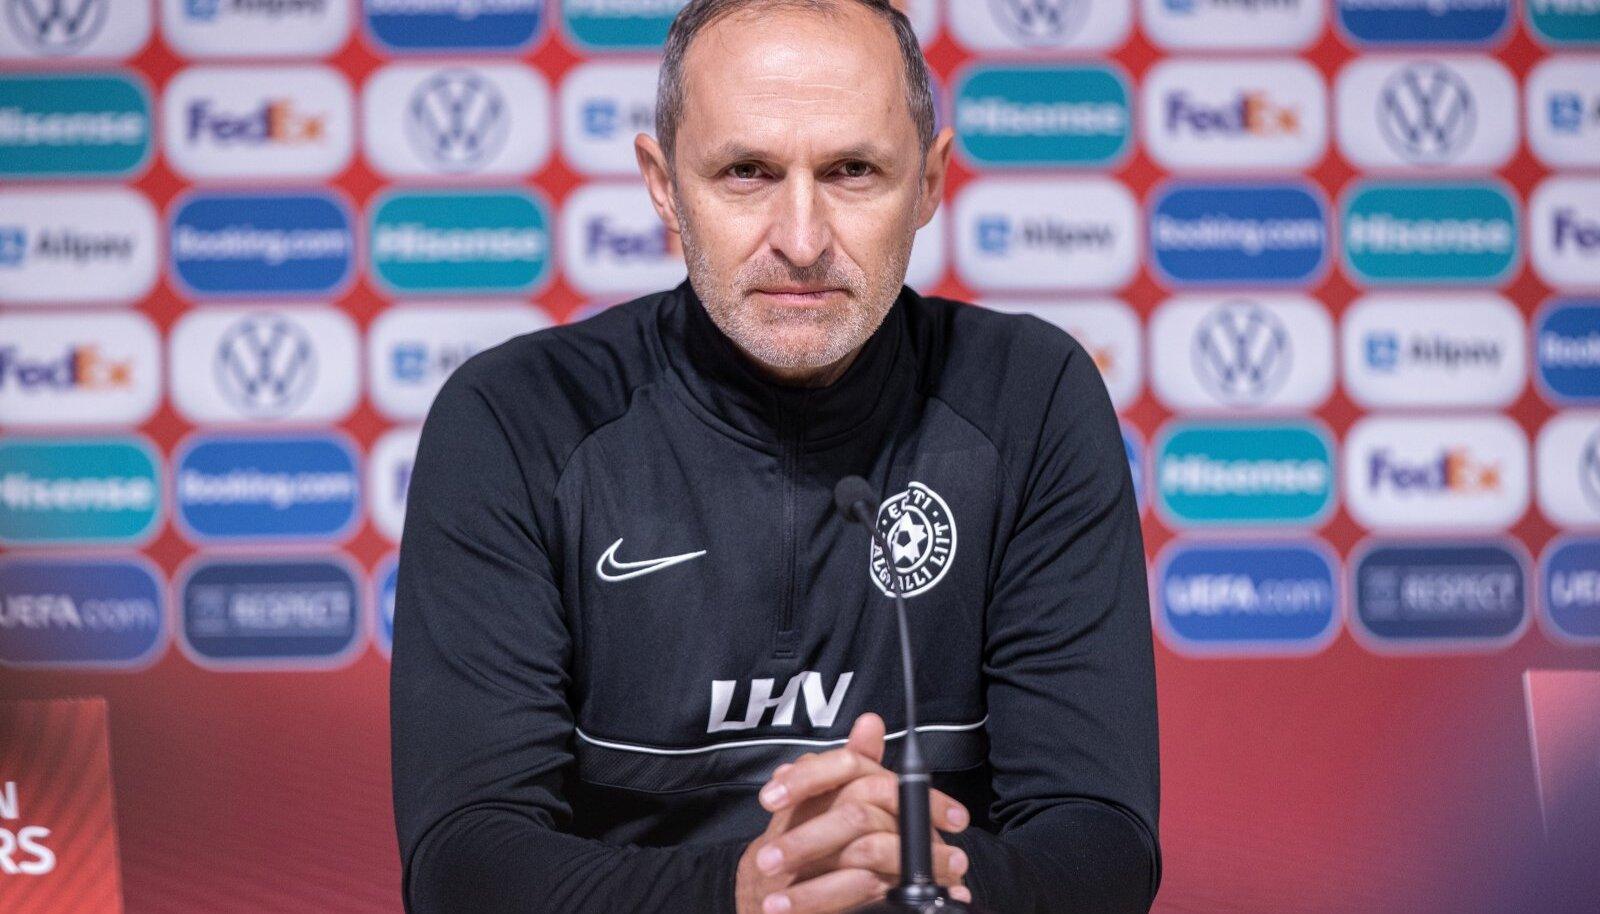 Thomas Häberli